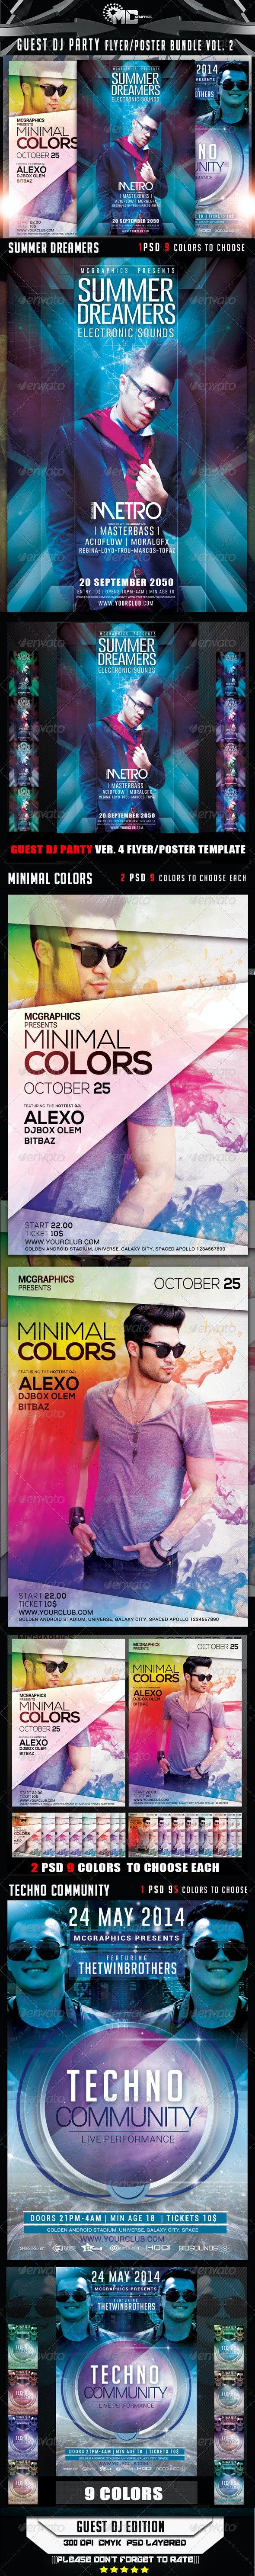 Guest DJ Party Flyer/Poster Bundle Vol.2 - Flyers Print Templates